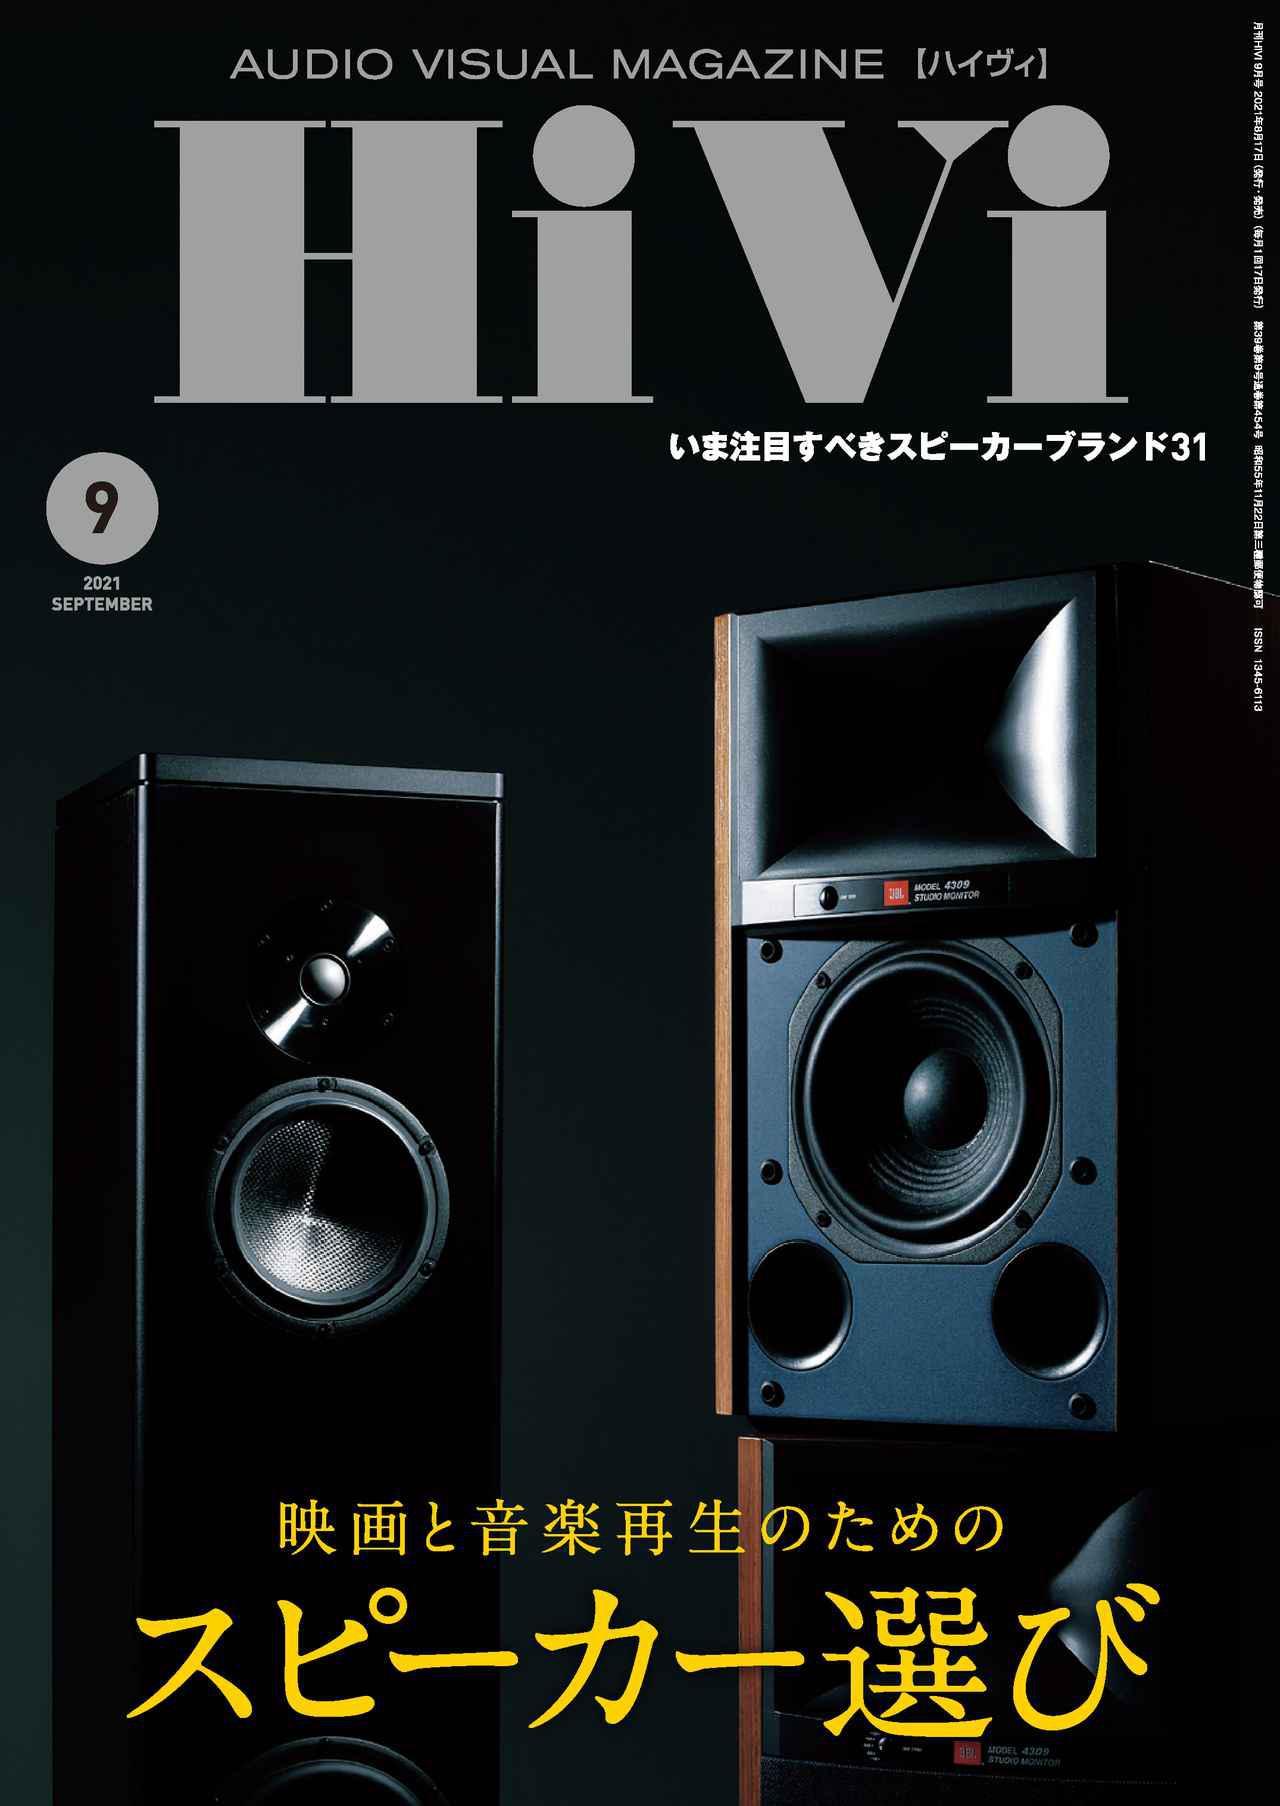 画像: HiVi9月号は8/17発売